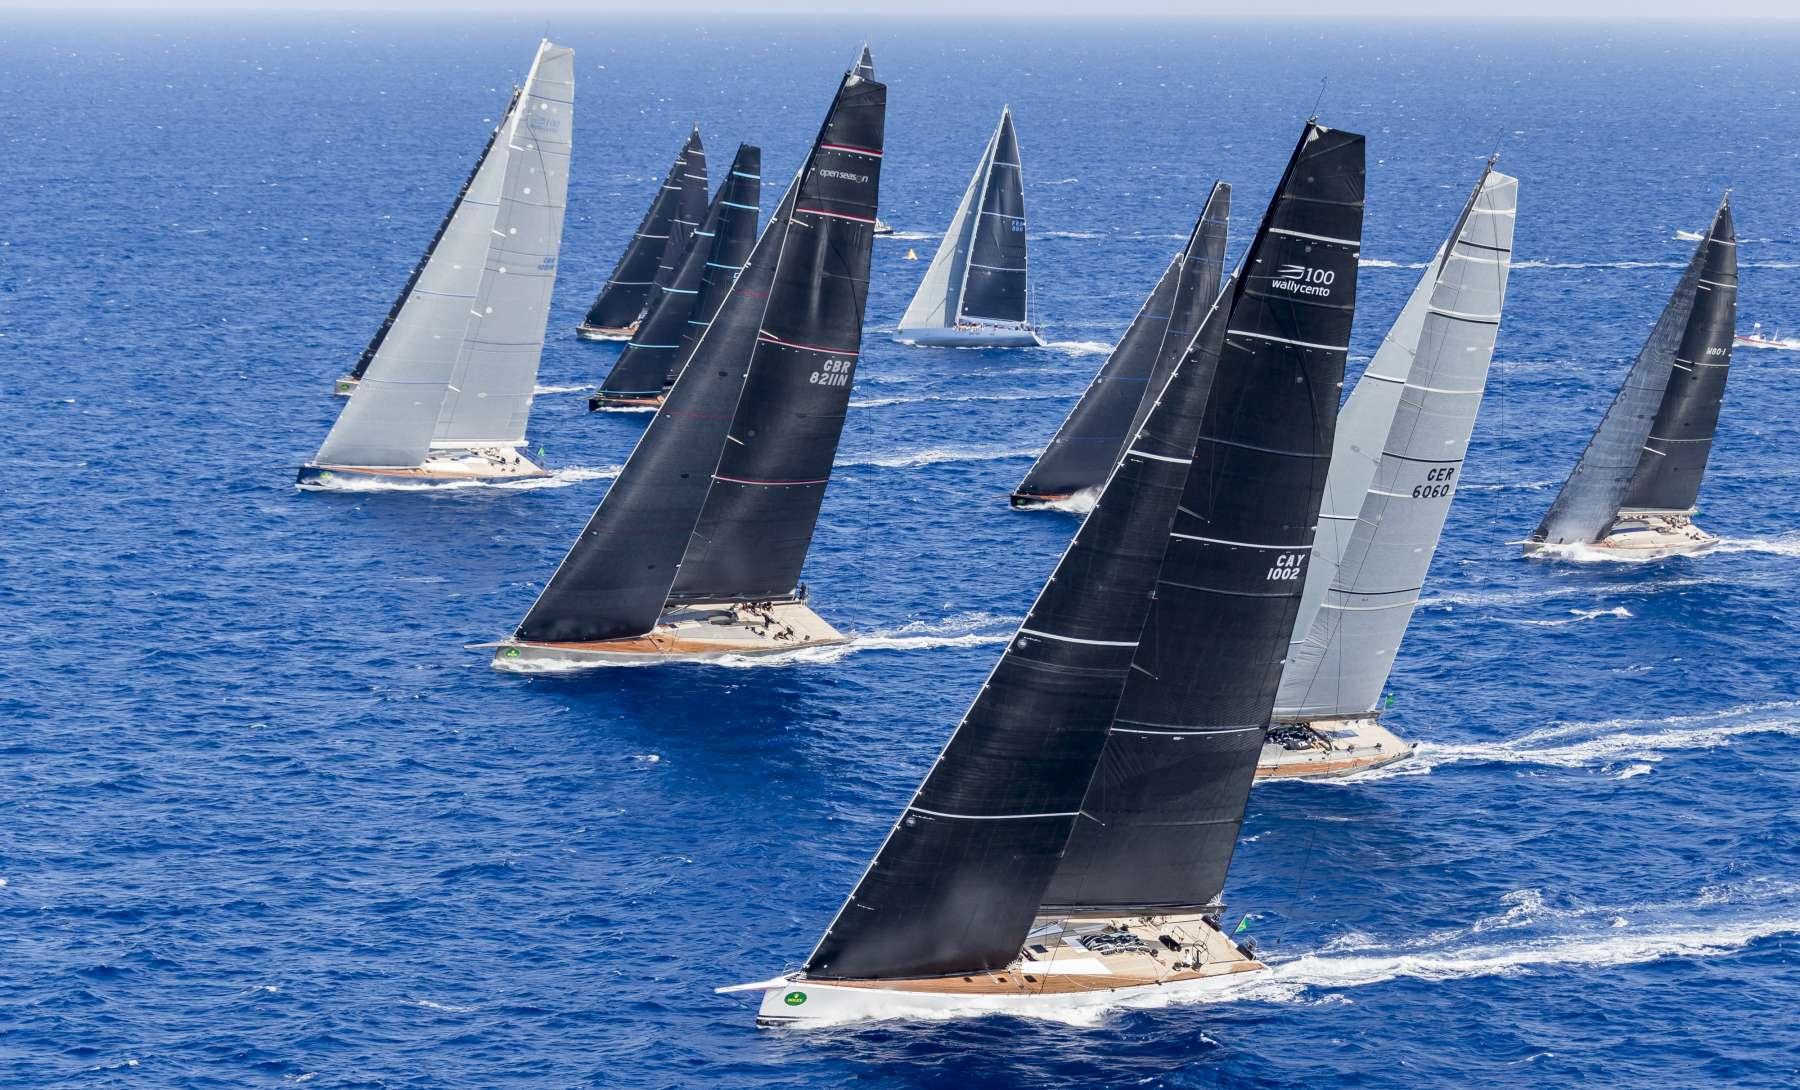 Momo e Galateia allungano nelle rispettive classi - NEWS - Yacht Club Costa Smeralda